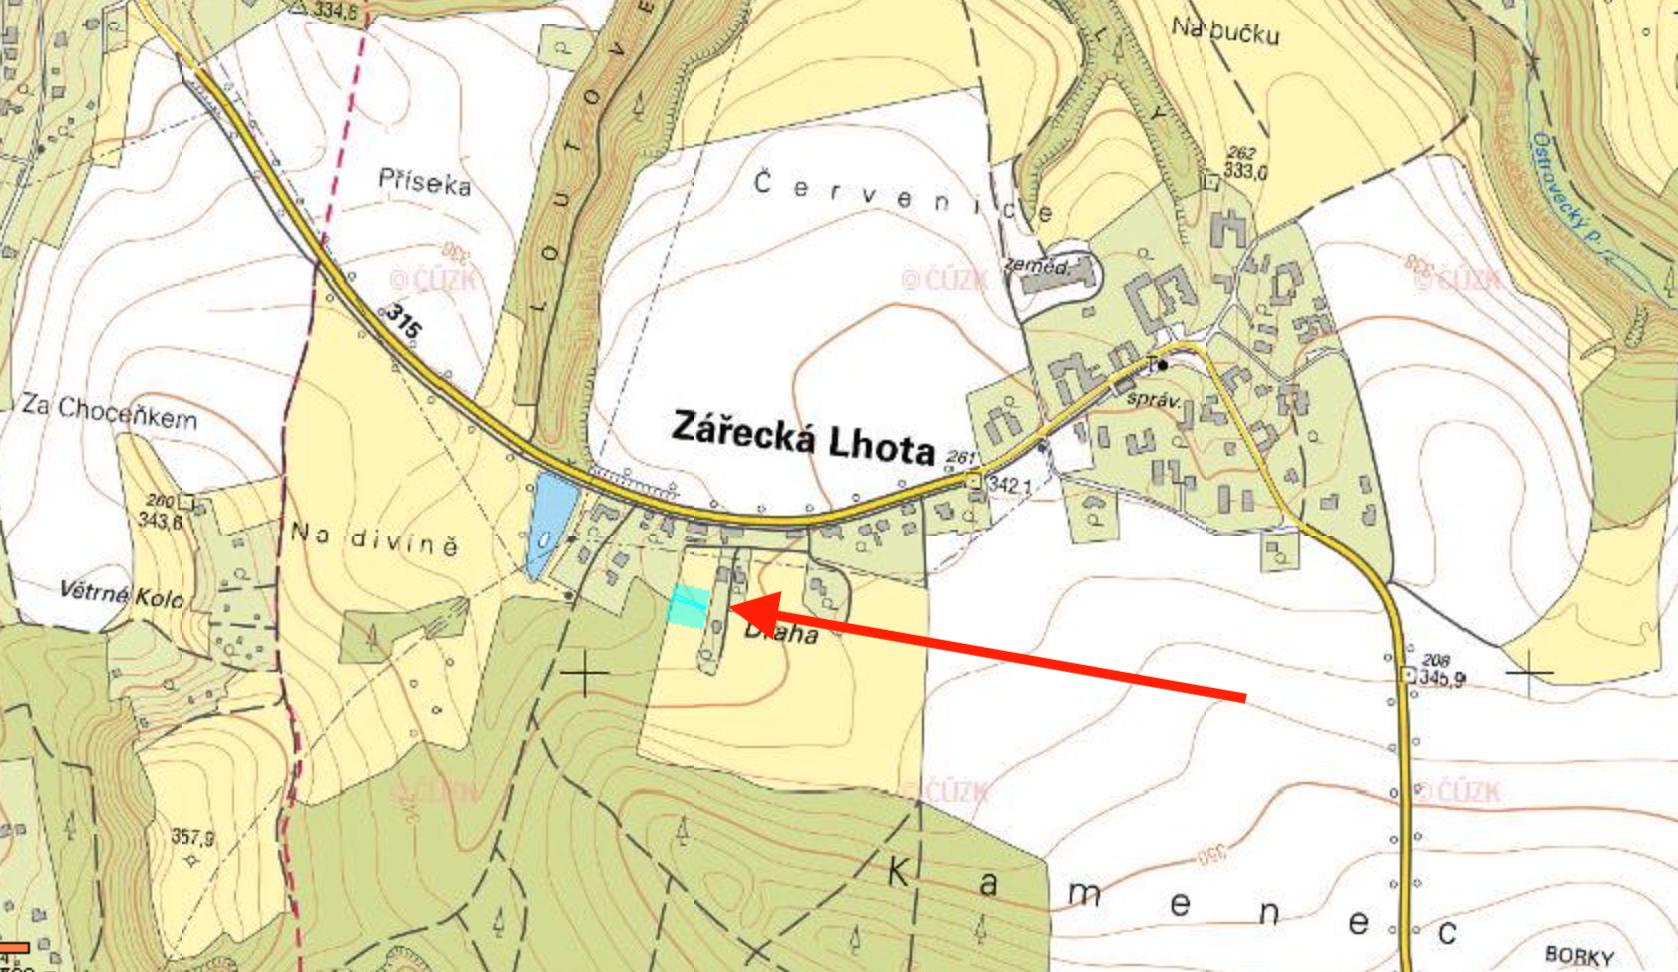 Prodej stavebního pozemku Zářecká Lhota